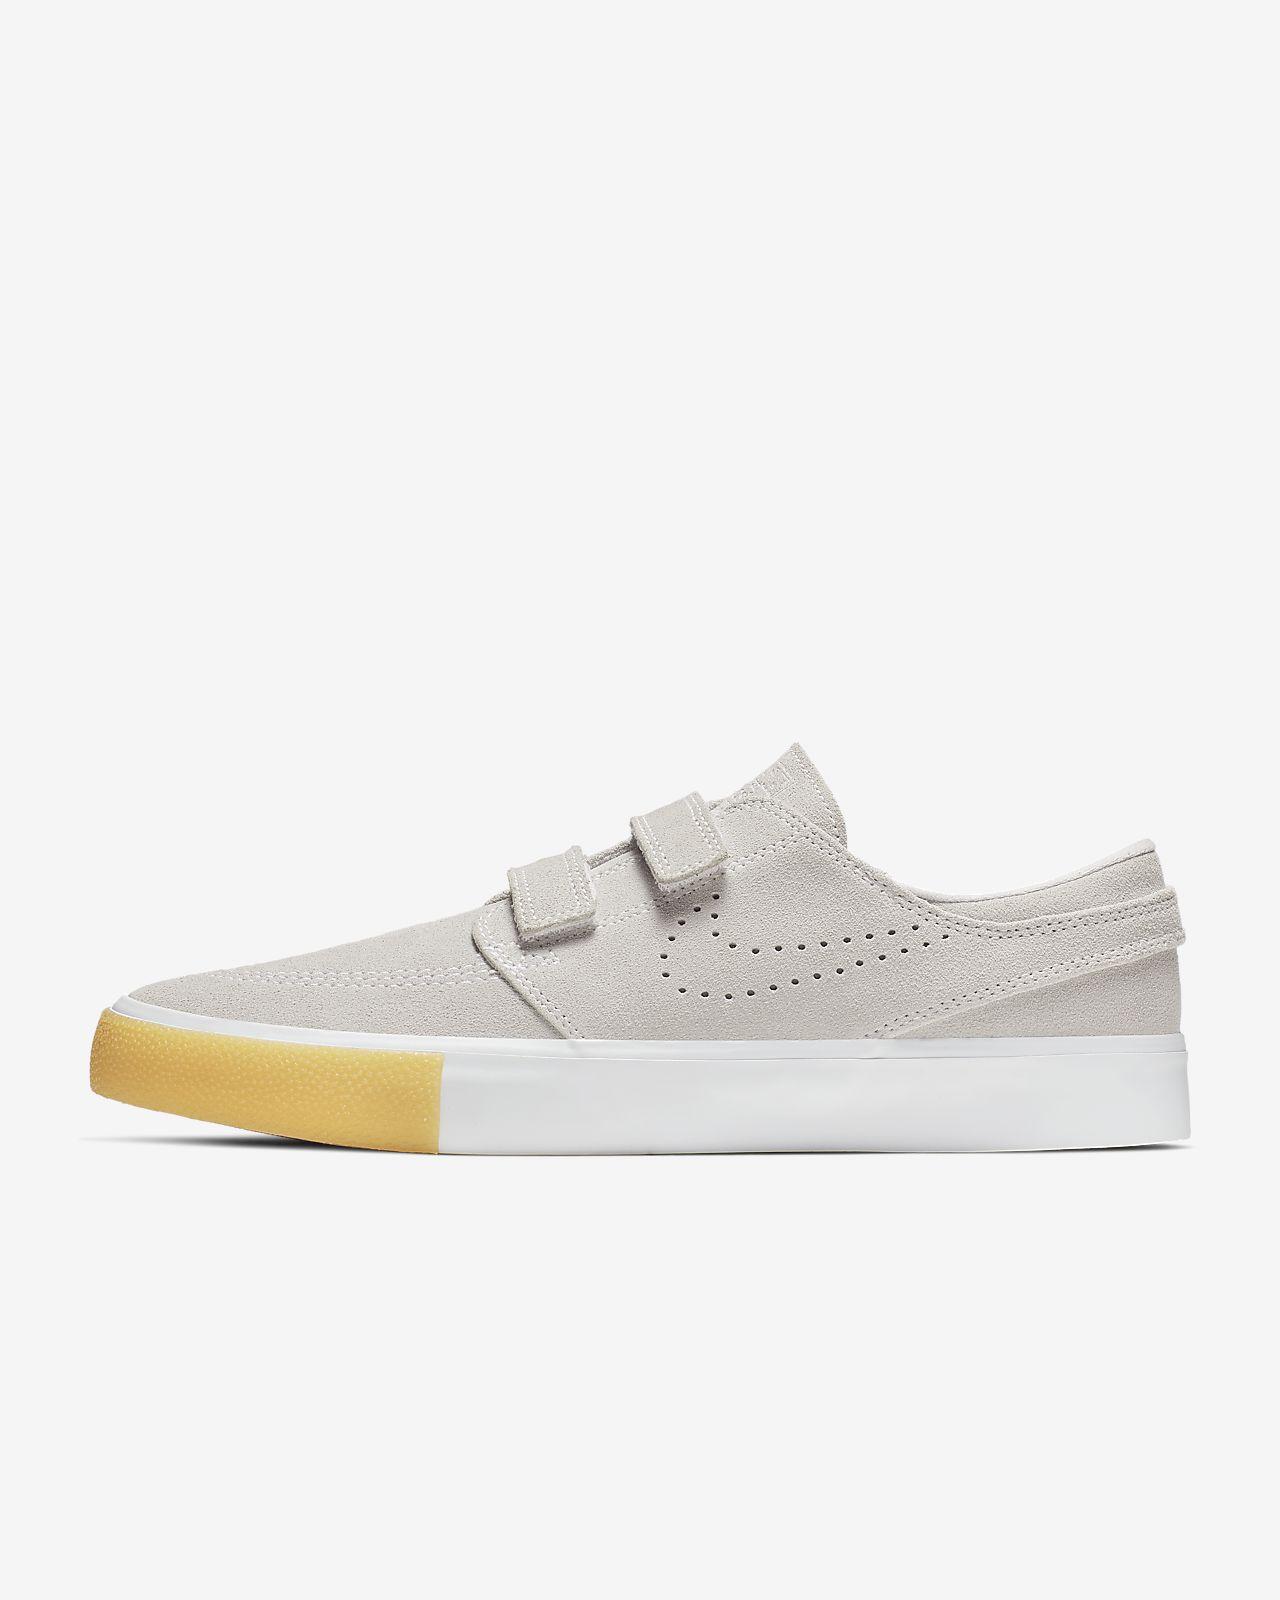 Nike SB Zoom Stefan Janoski AC RM SE Zapatillas de skateboard